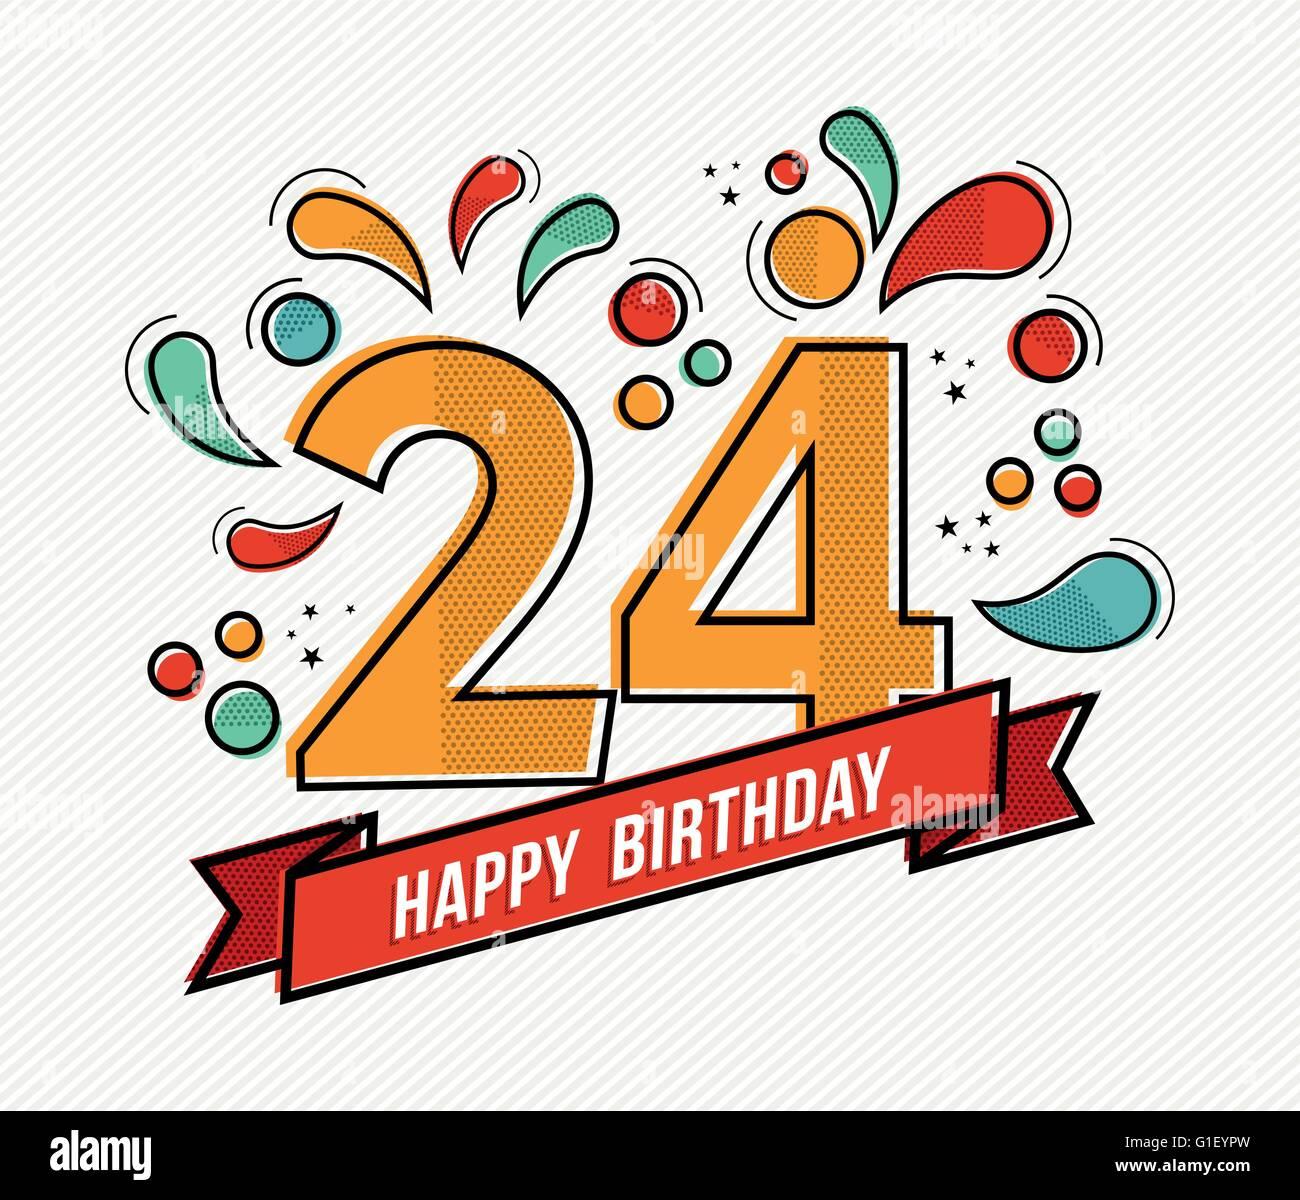 Joyeux Anniversaire Numero 24 Cartes De Vœux Pendant Vingt Quatre Ans Dans L Art Moderne Ligne Plate Avec Des Formes Geometriques Colorees Image Vectorielle Stock Alamy